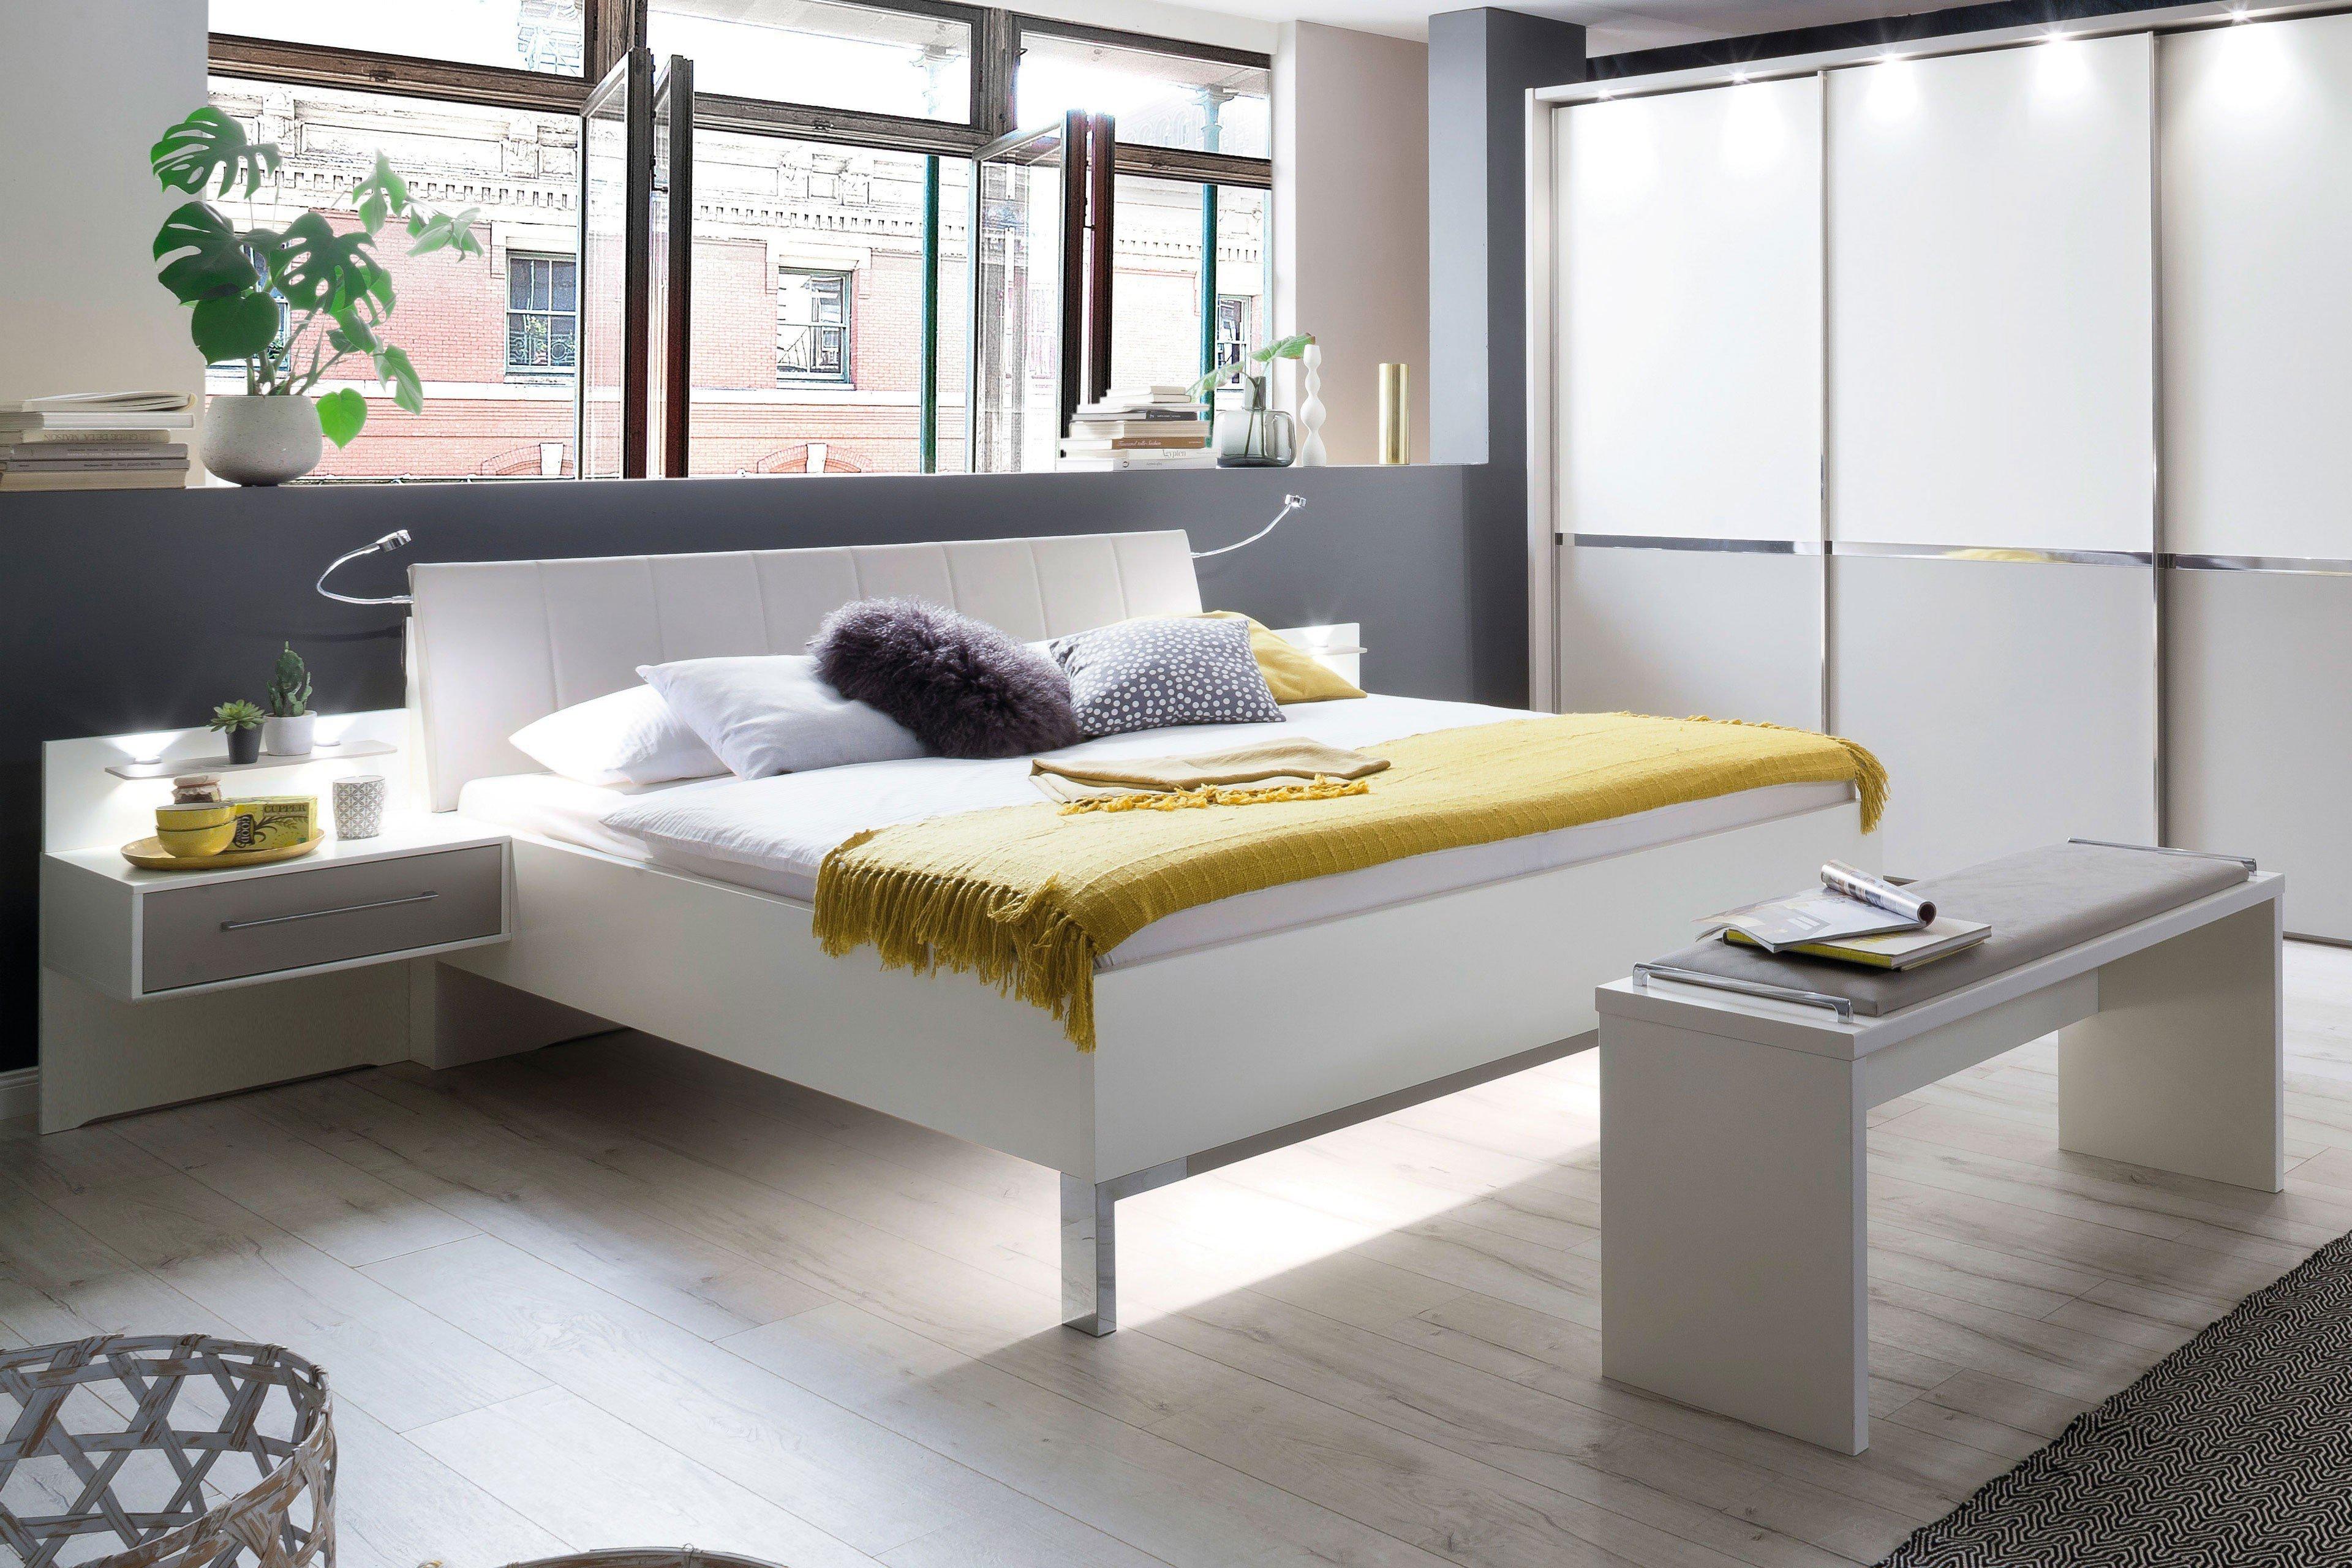 wiemann alaska bett wei 140 x 200 cm m bel letz ihr. Black Bedroom Furniture Sets. Home Design Ideas